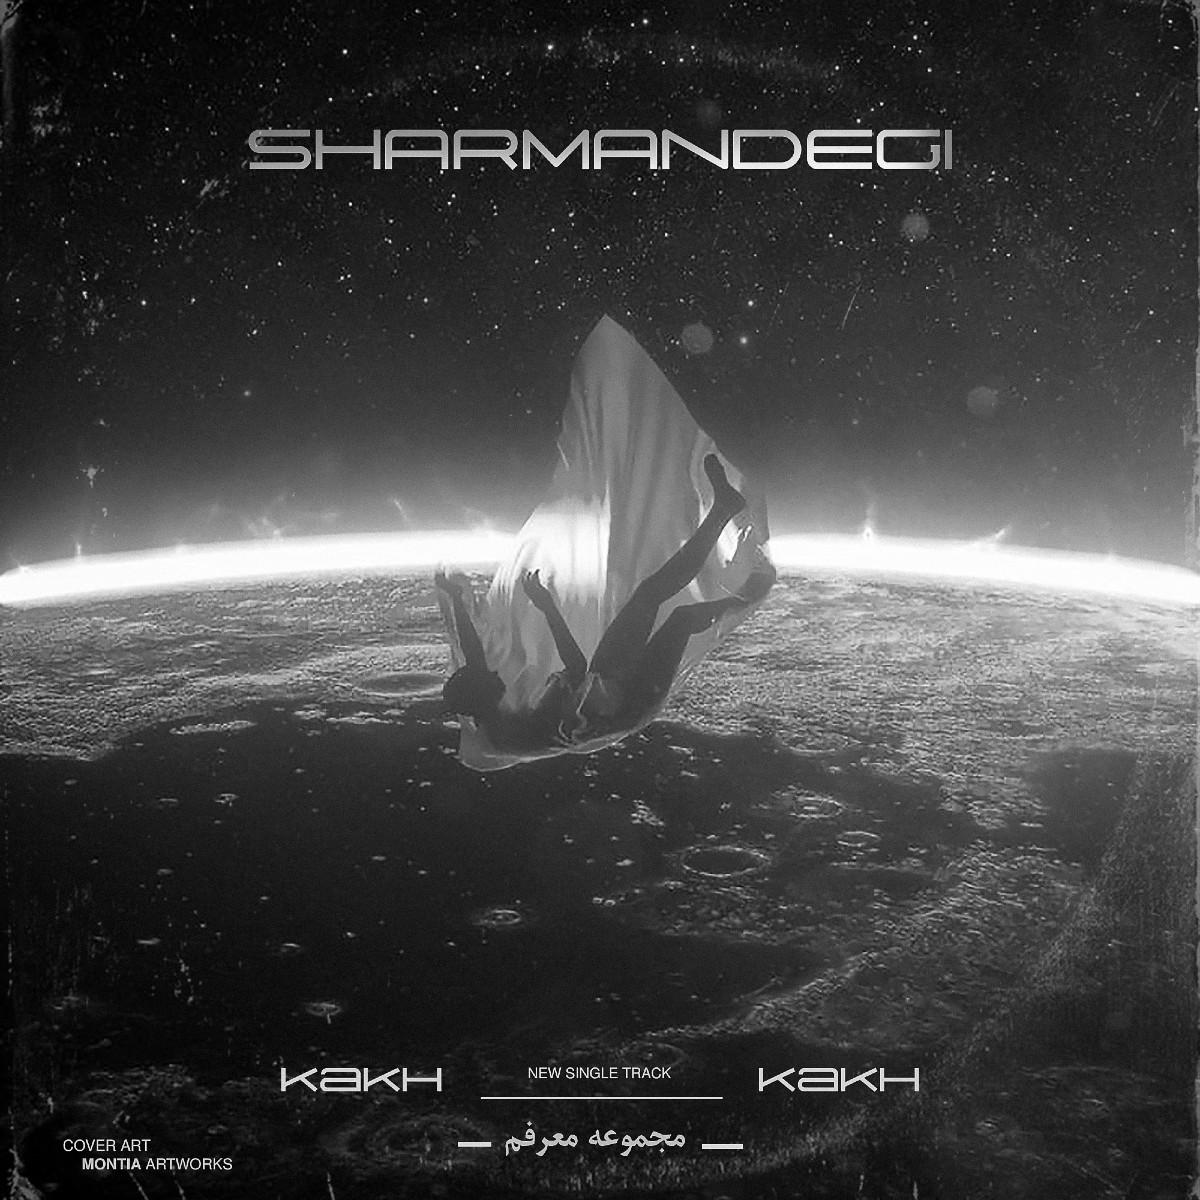 Kakh - Sharmandegi